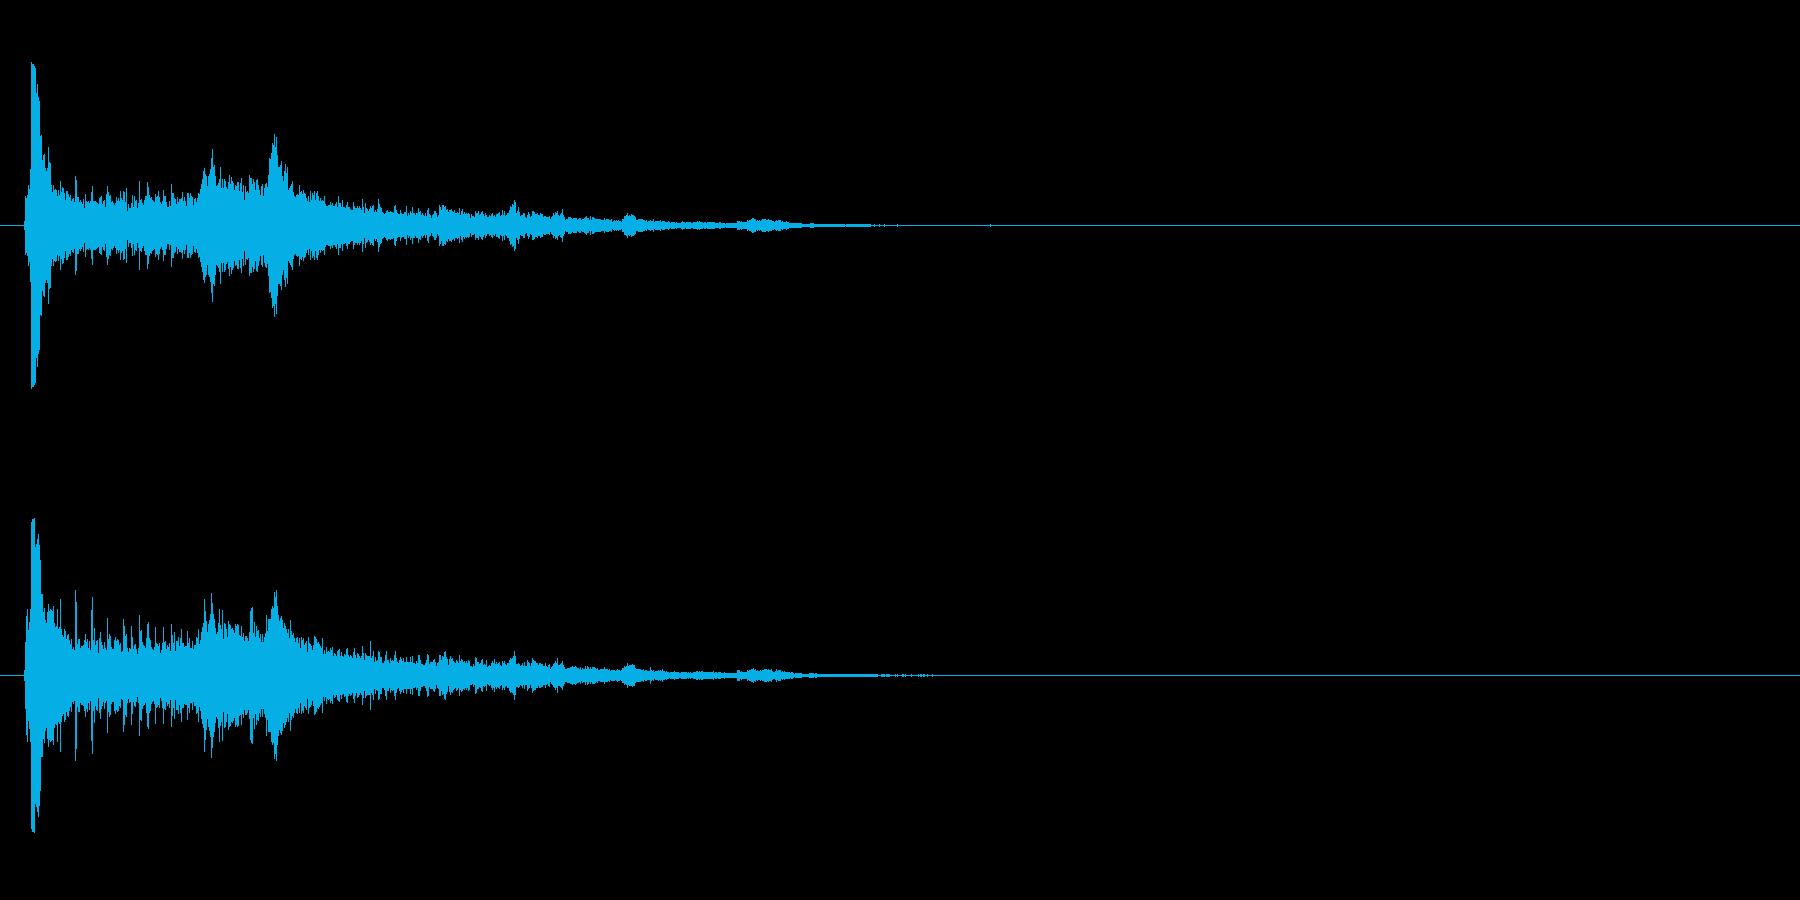 【アクセント01-2】の再生済みの波形